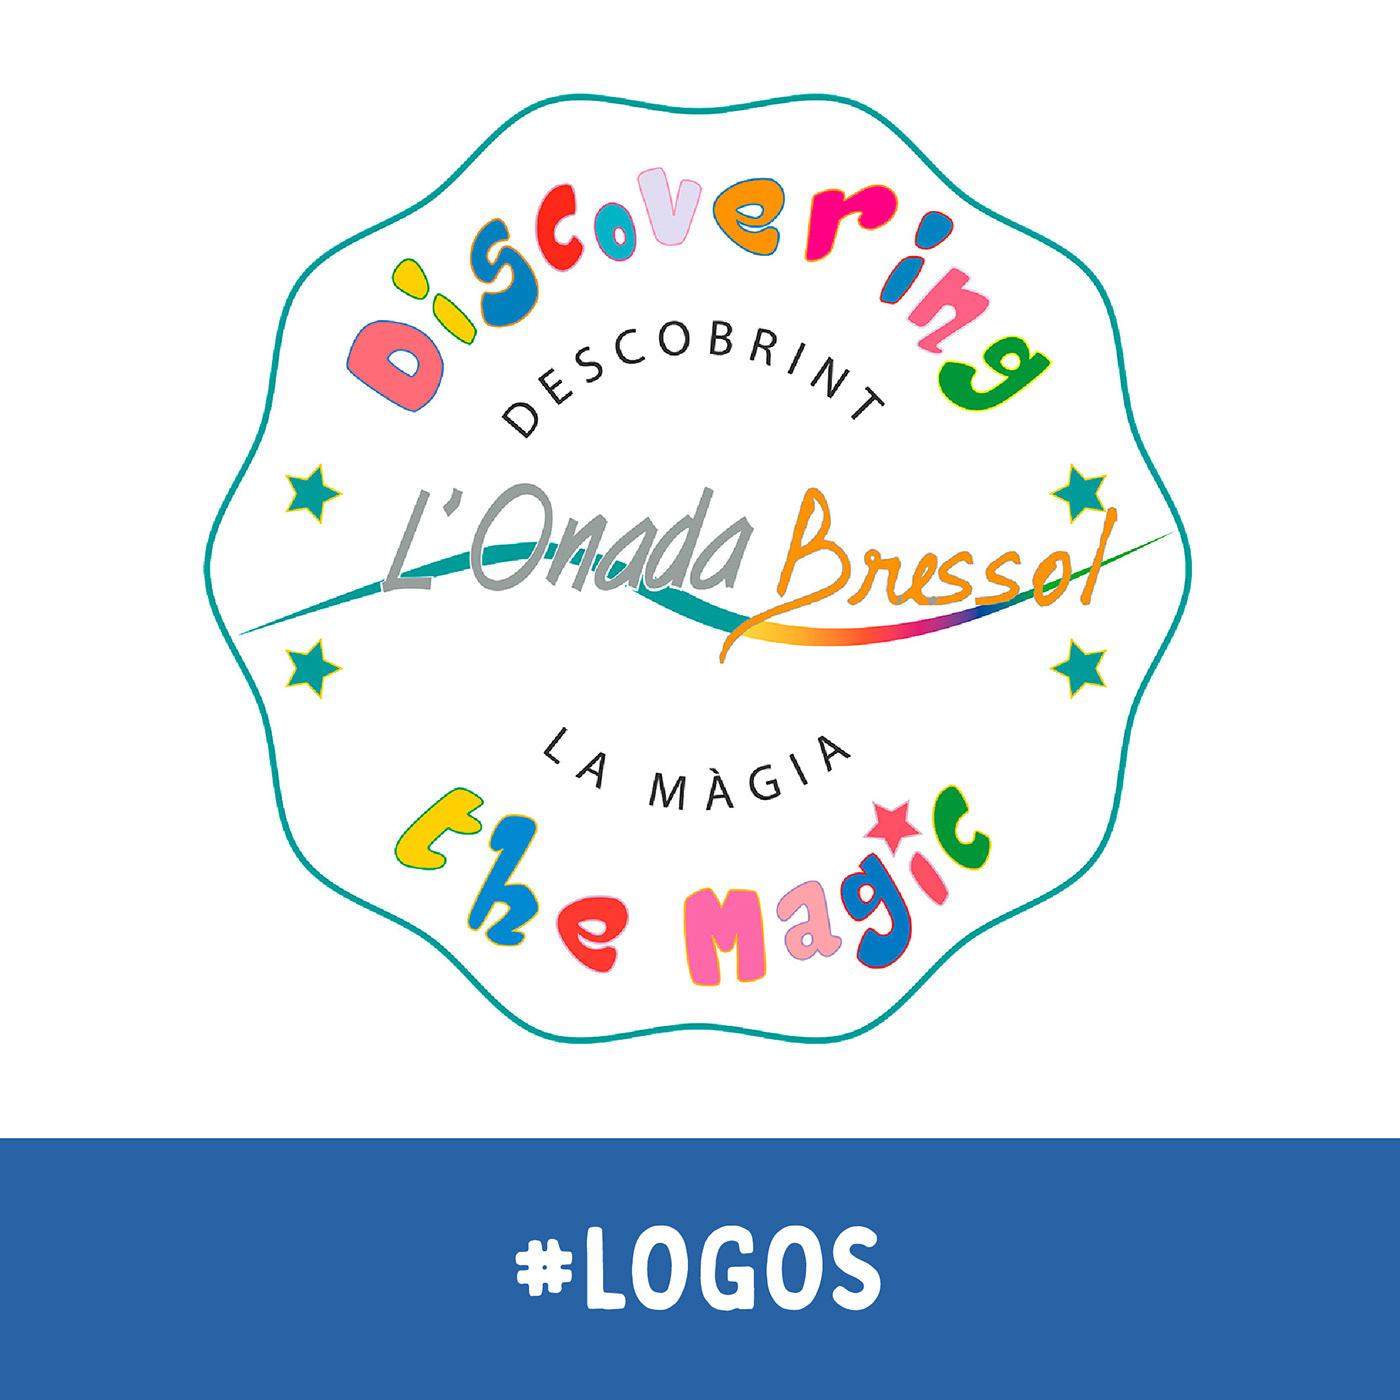 """Emblema para guardería inspirado en """"A Kind of Magic"""". de Queen. L'Onada. Bressol"""